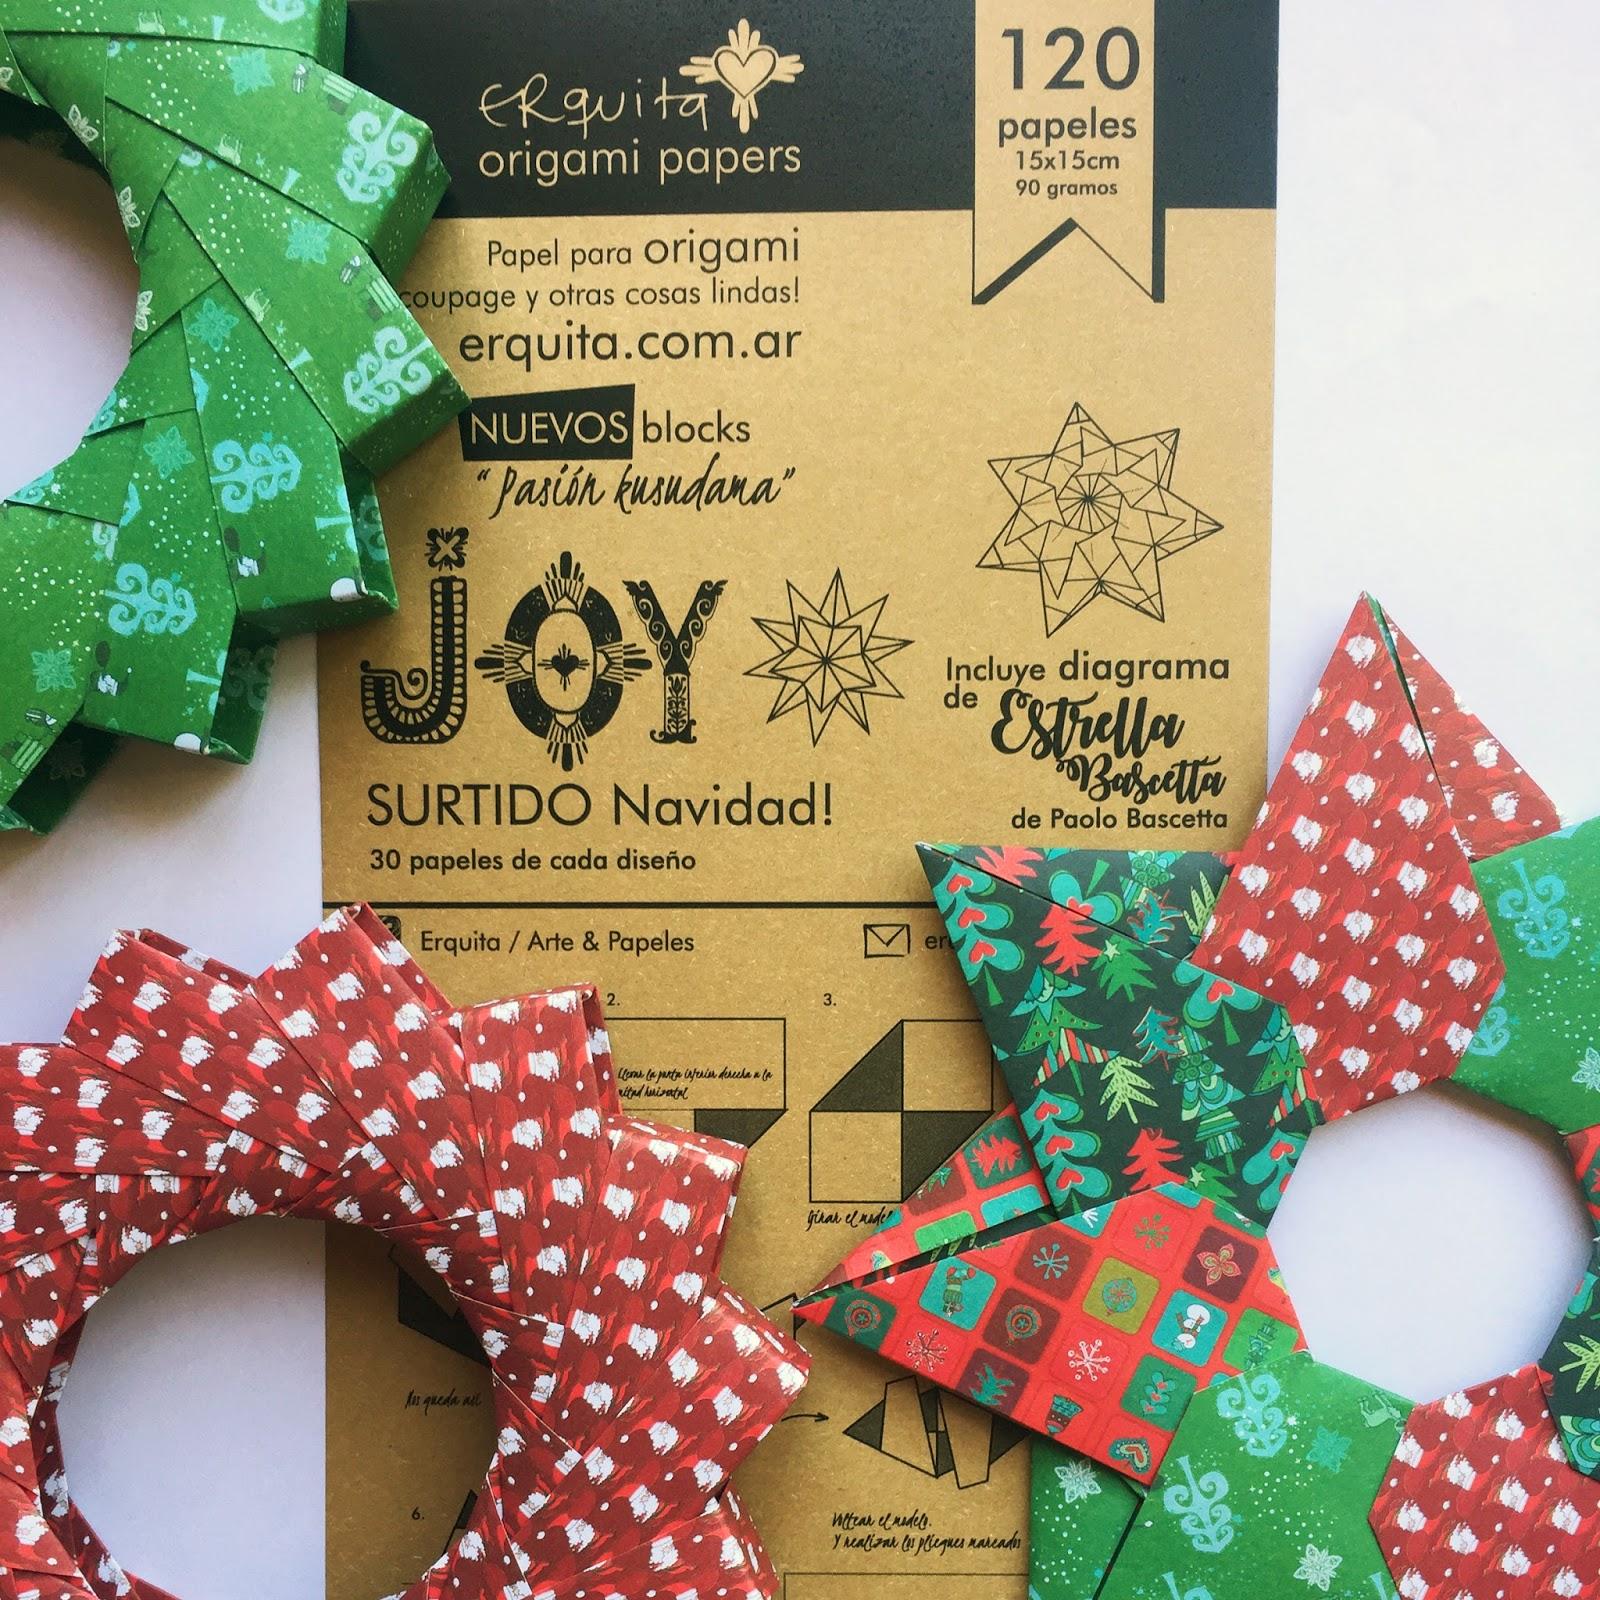 Erquita papers: Empezamos a preparar la Navidad 2017